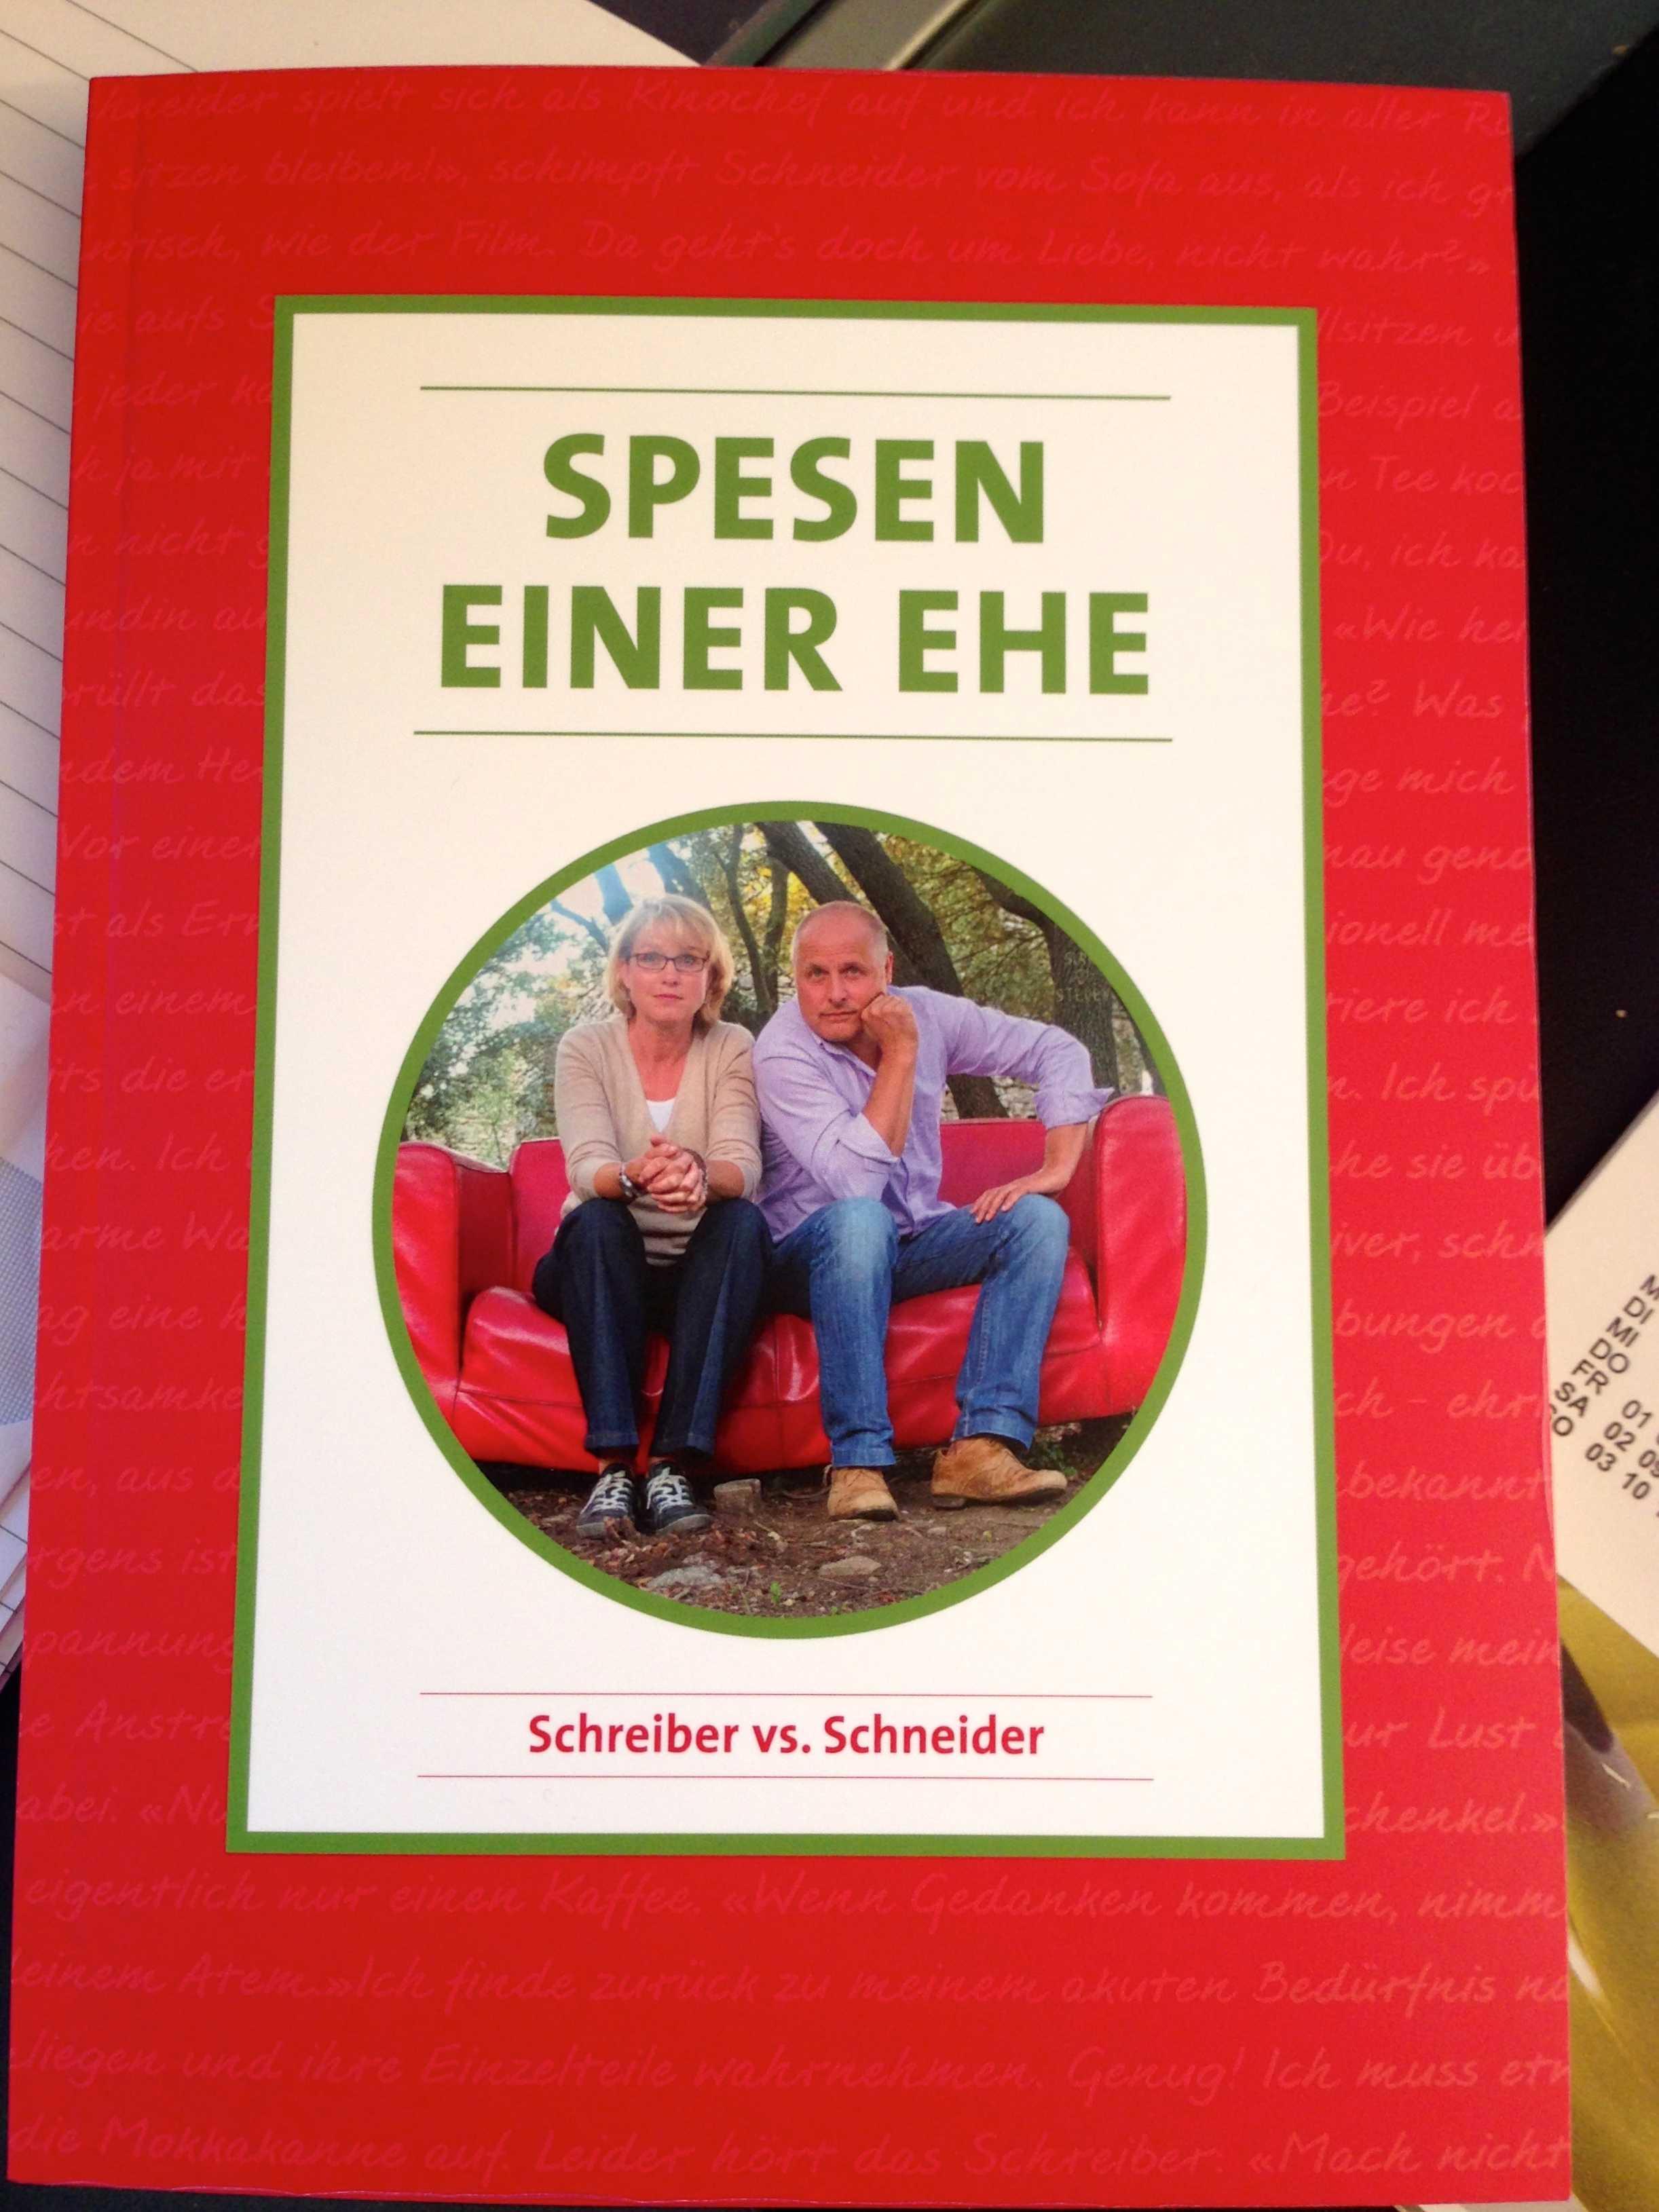 Spesen einer Ehe – Schreiber vs. Schneider